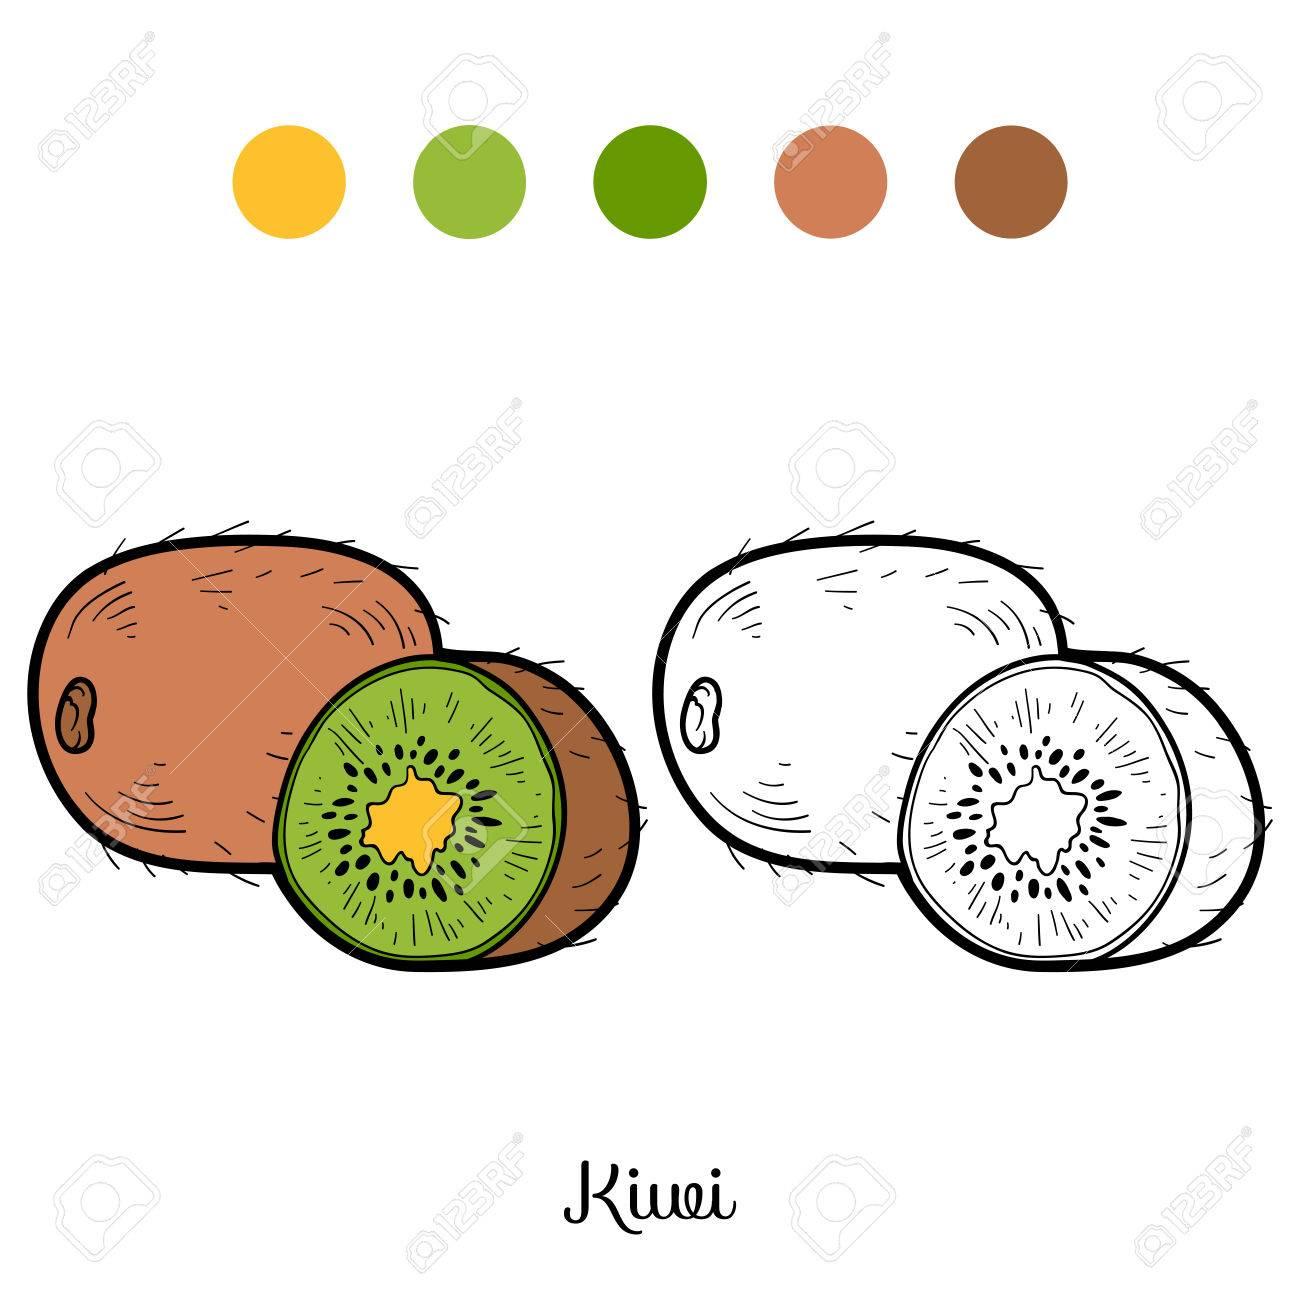 Coloriage Kiwi Fruit.Livre De Coloriage Pour Les Enfants Les Fruits Et Legumes Kiwi